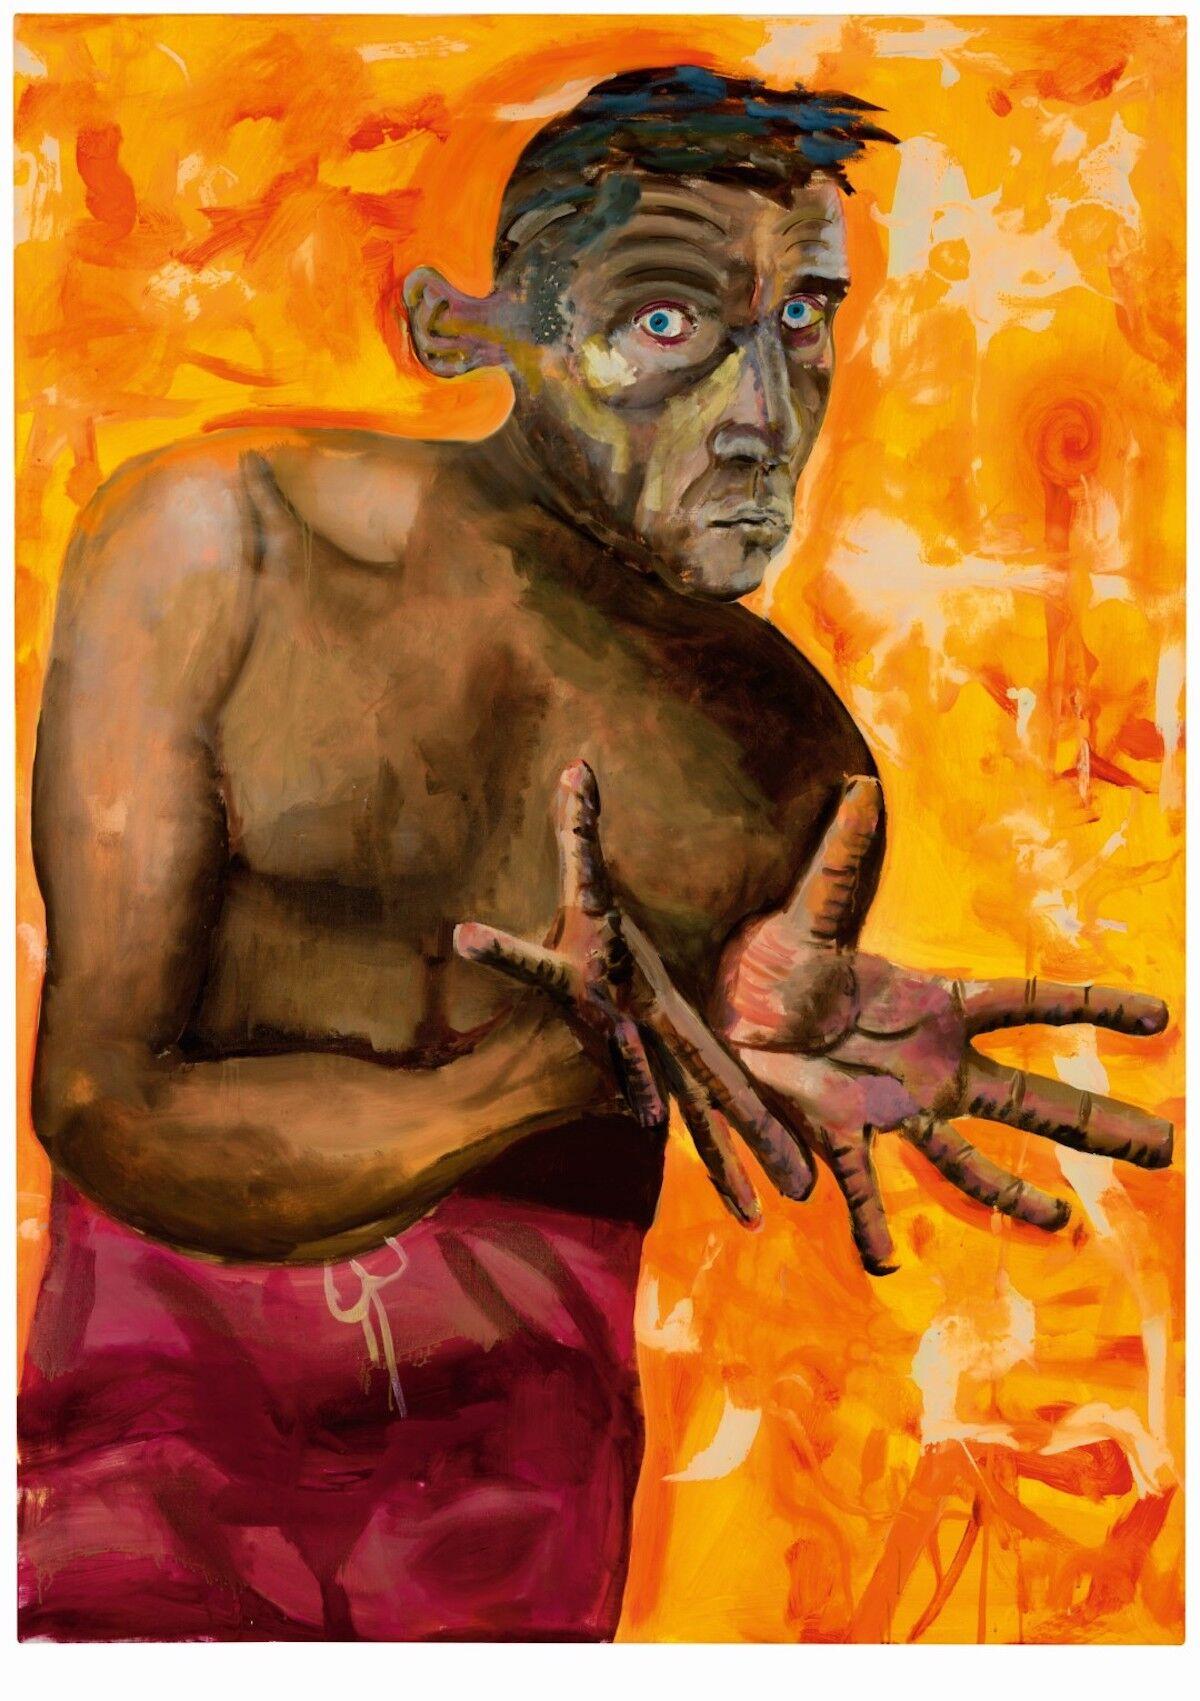 Albert Oehlen, Selbstportrait Mit Leeren Händen (Self-Portrait With Empty Hands), 1998. Courtesy Sotheby's.